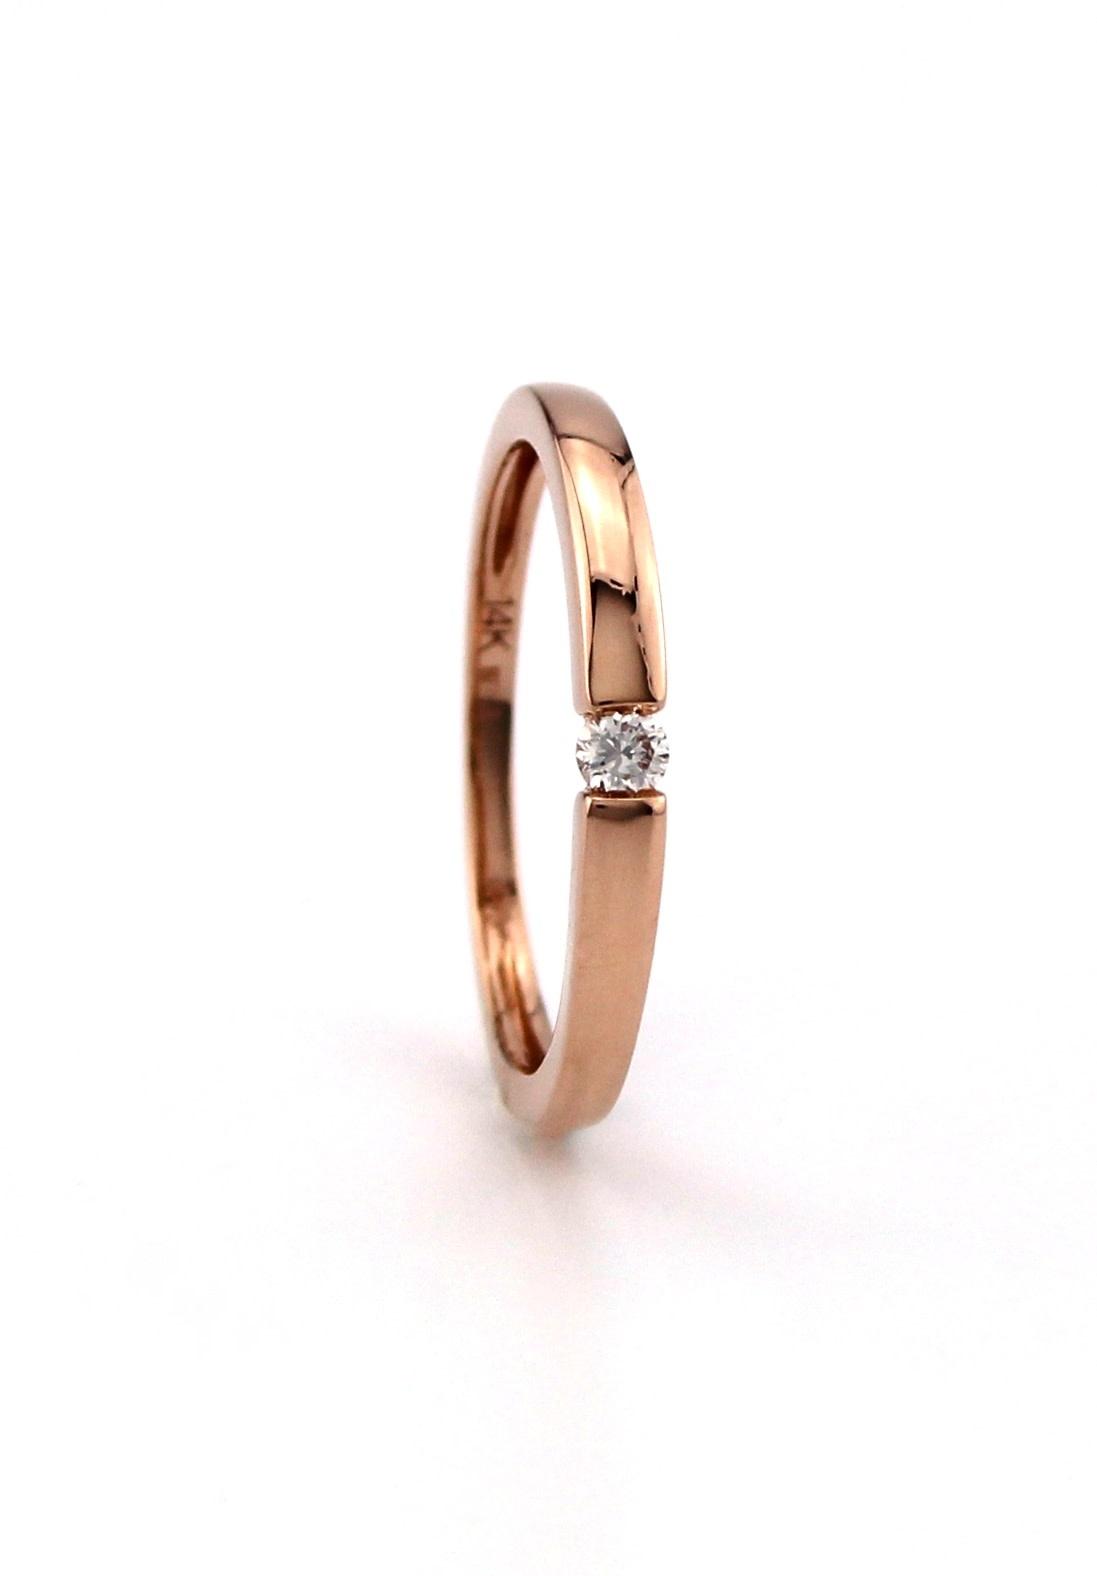 Passione Passione ring GGA1159 0.05ct